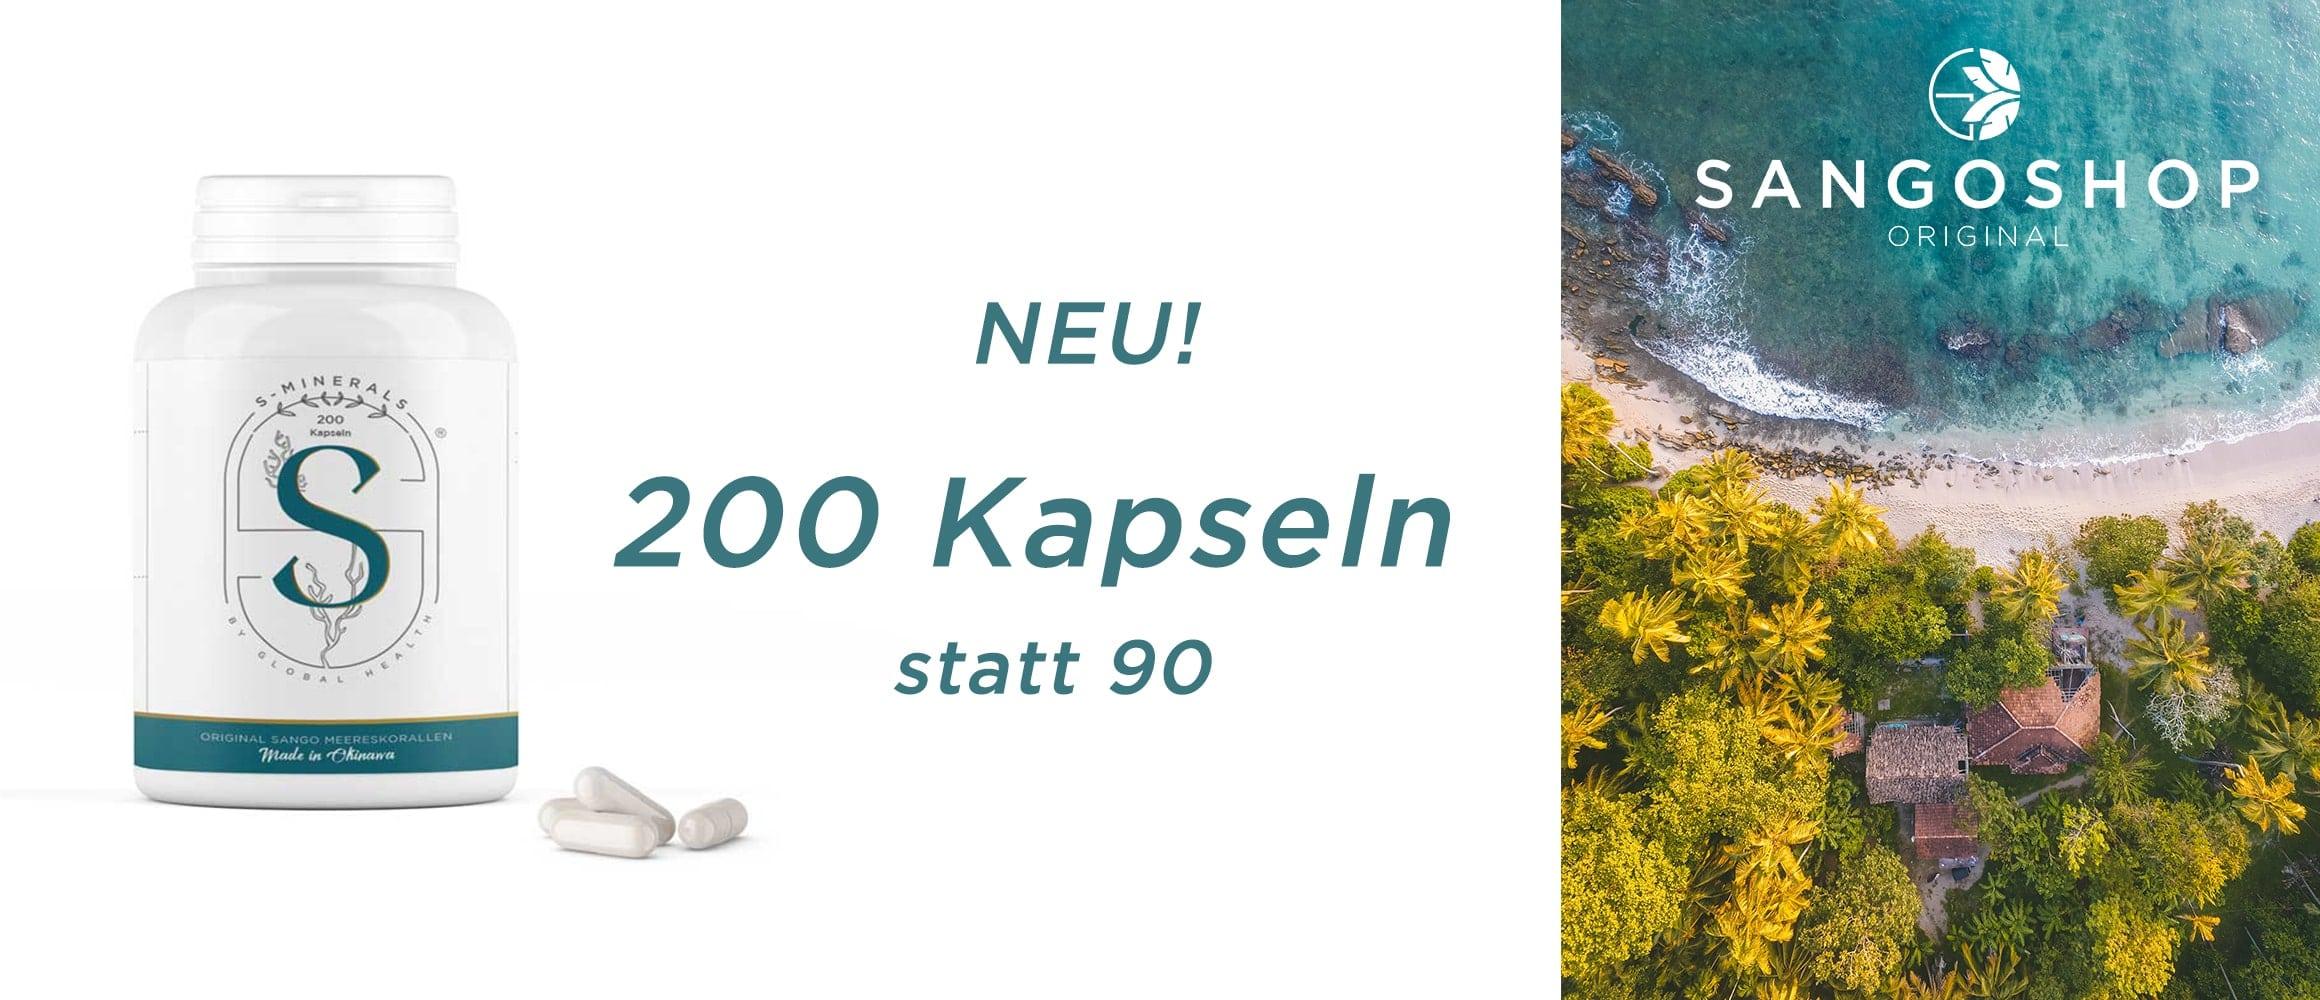 Sango-Korallen-Kaspeln-200-Original-S-Minerals-von-SangoshopJ5zQamkNRaJCP